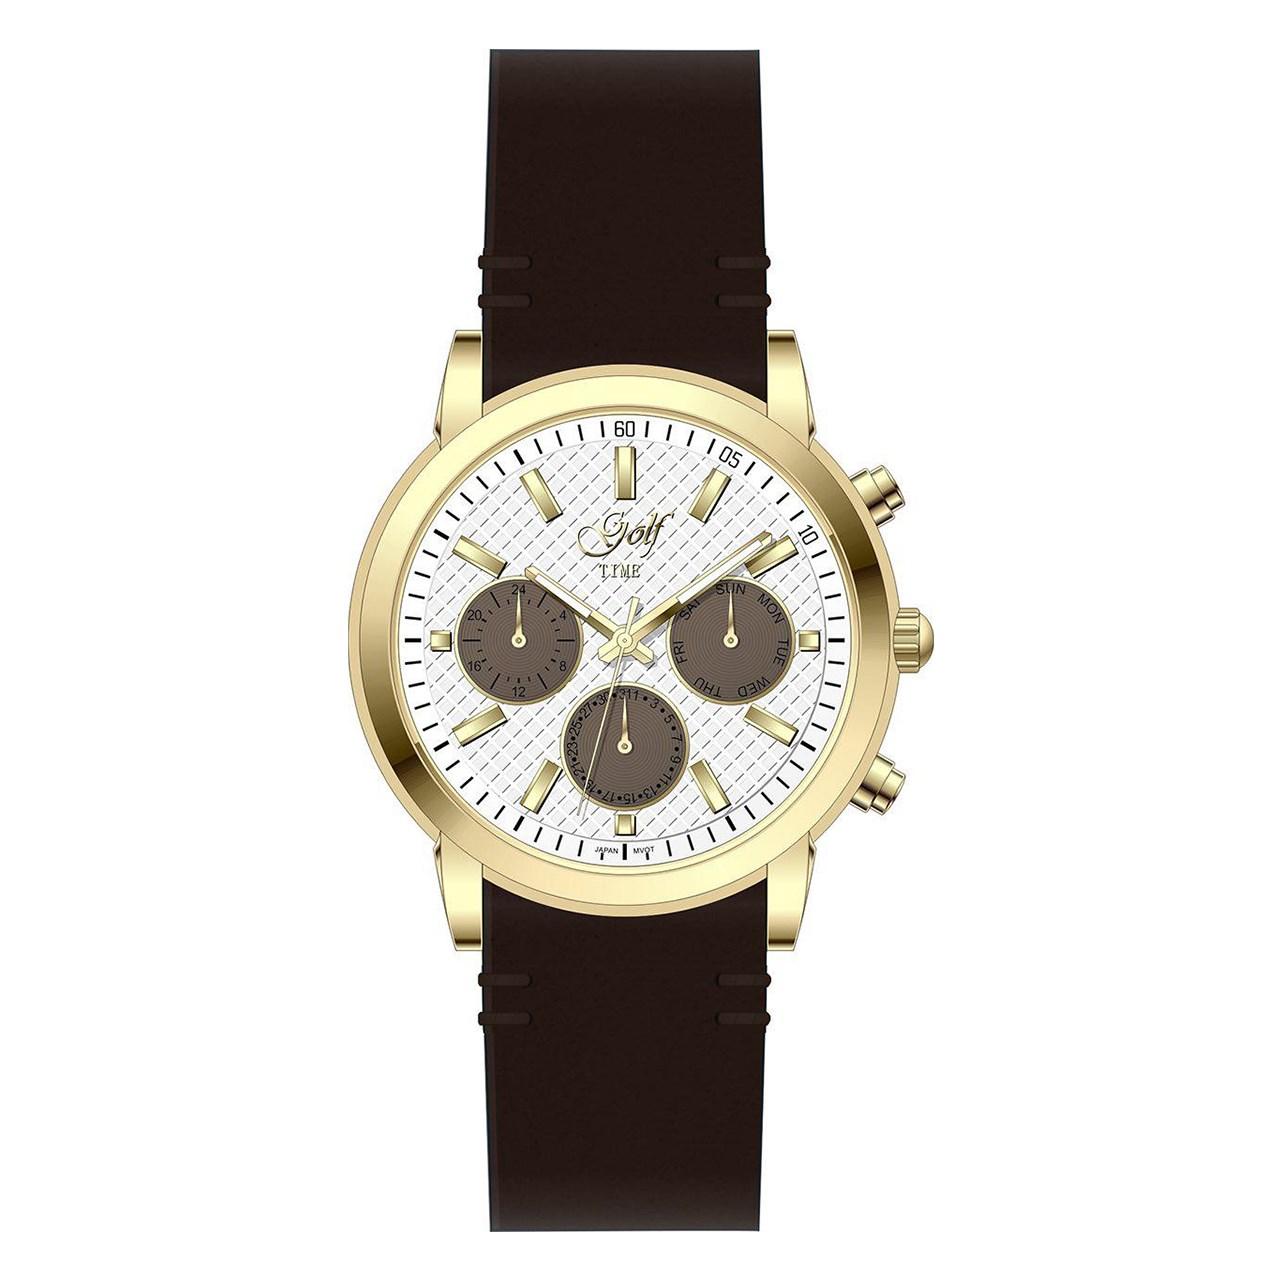 ساعت مچی عقربه ای گلف مدل 5-0216 2